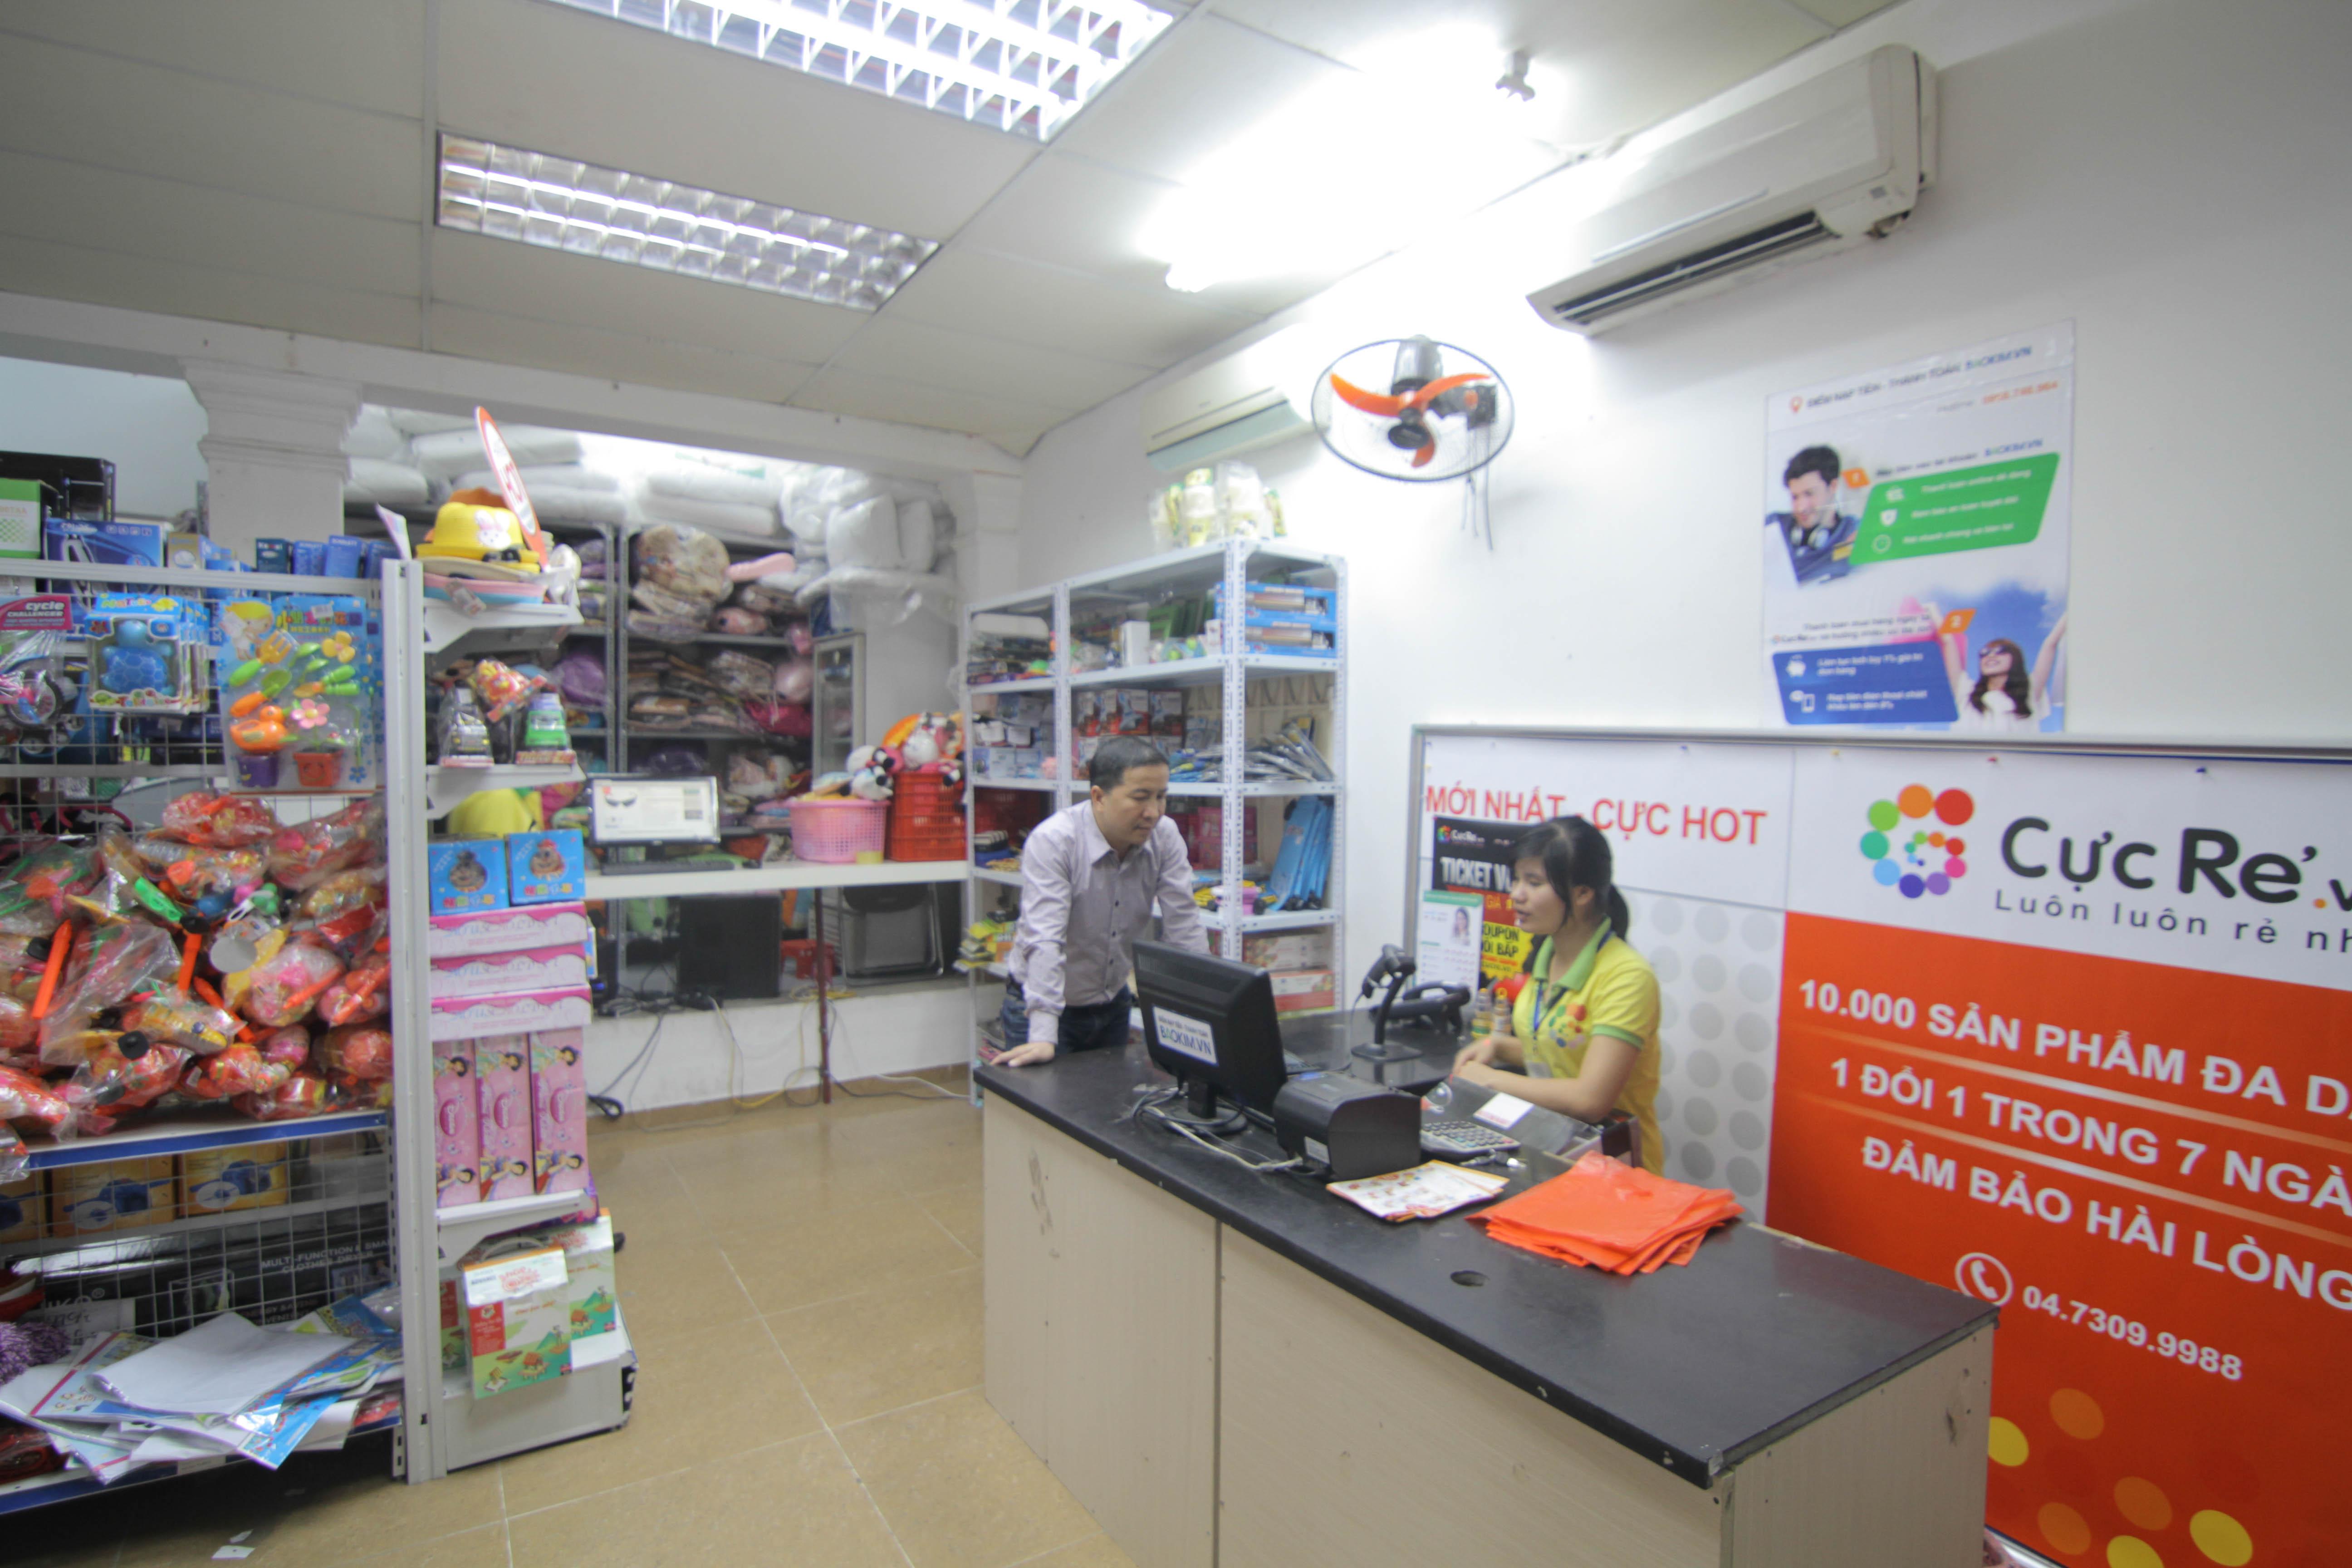 cucre.vn bán hàng kém chất lượng